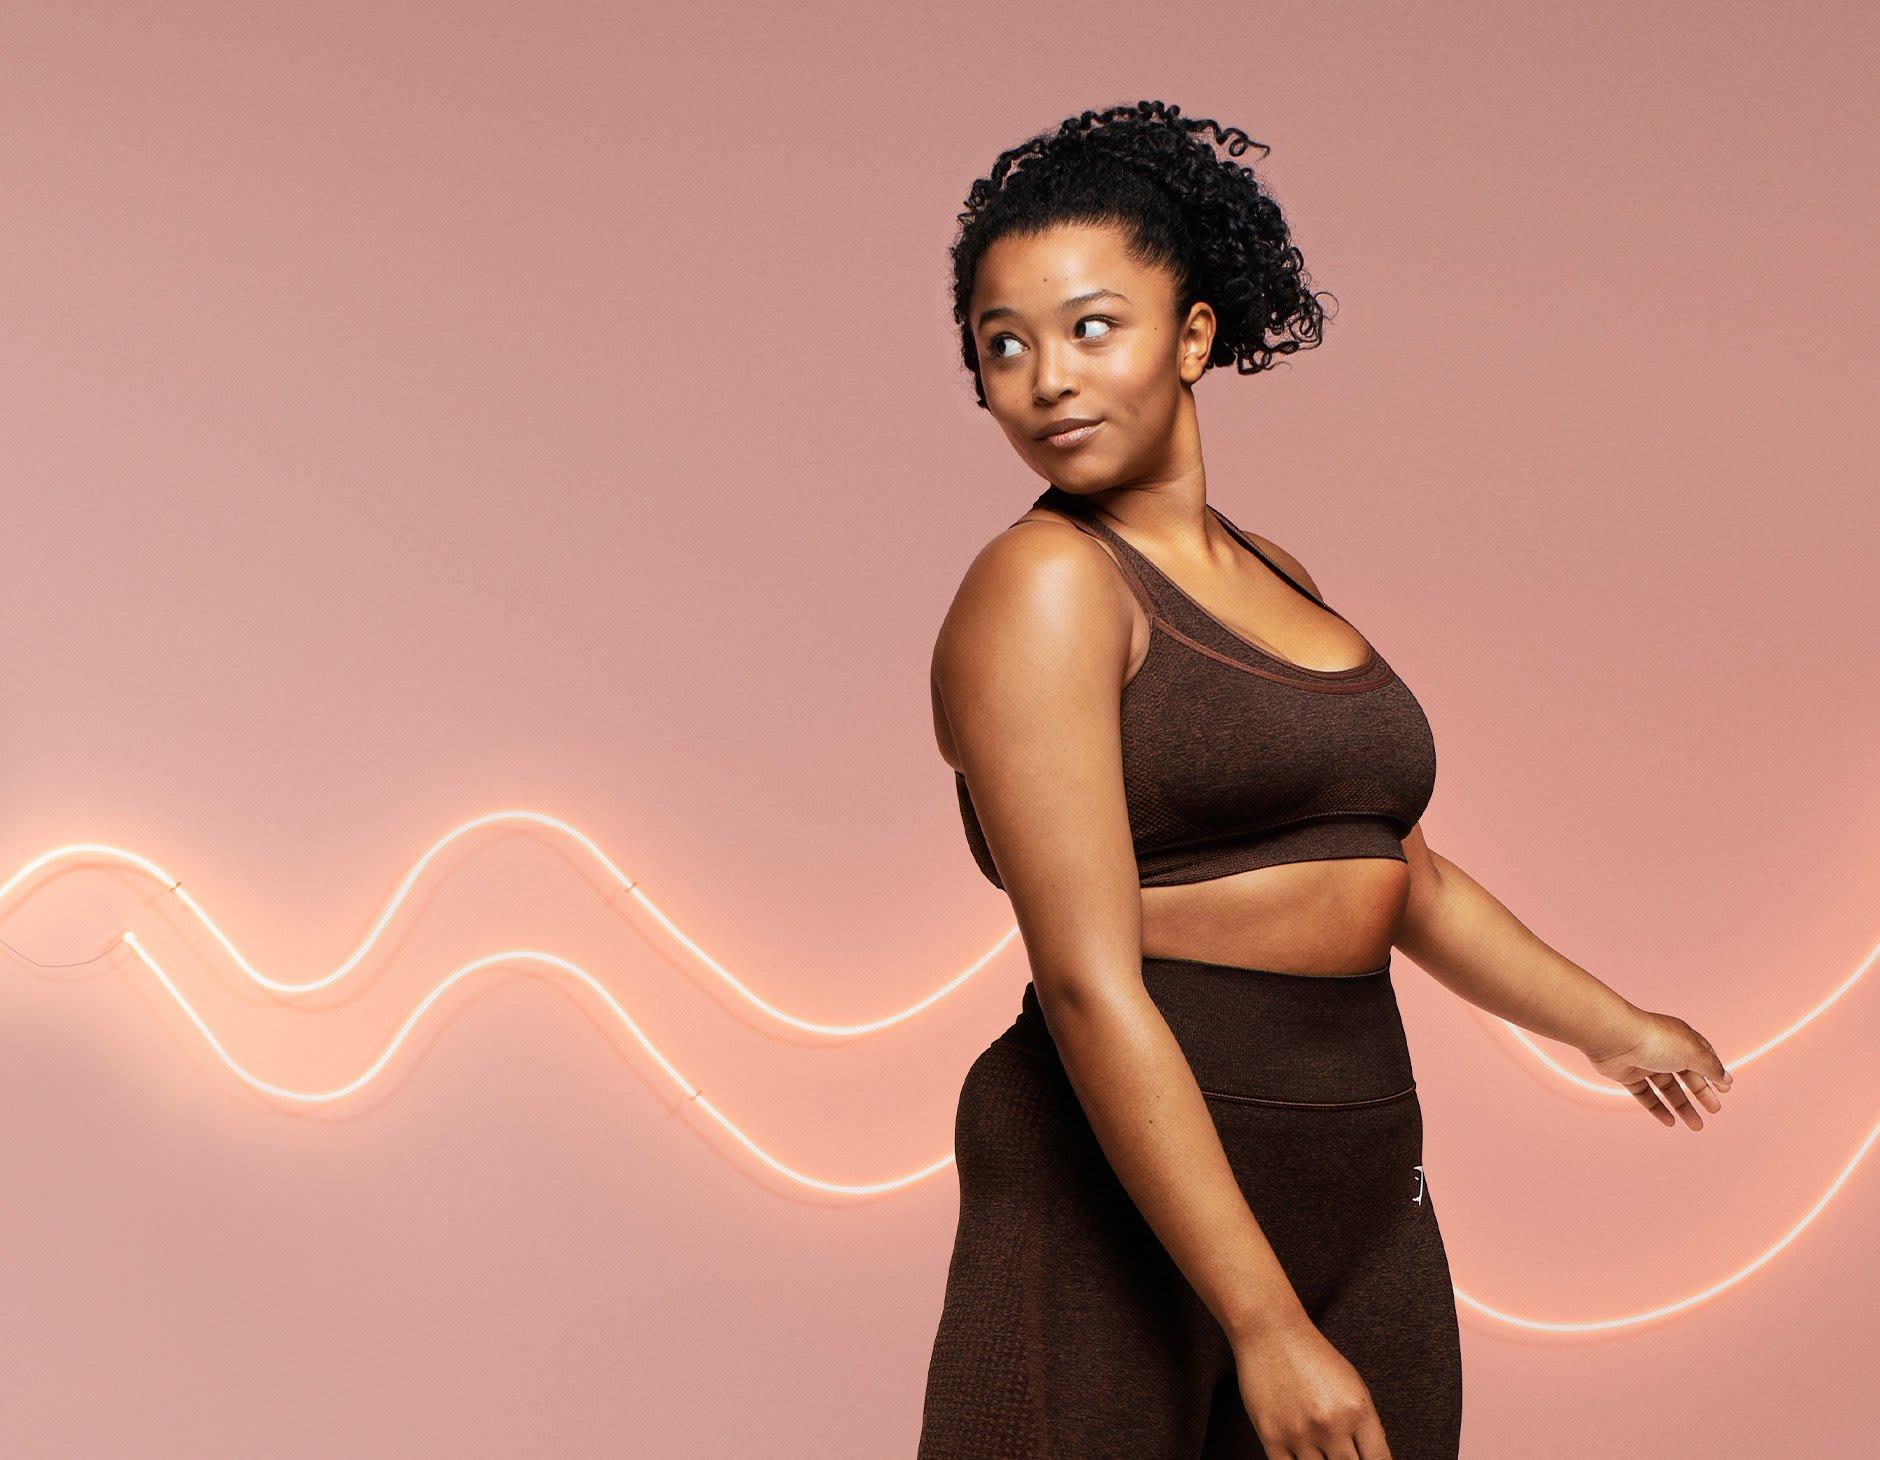 Weibliches Model posiert in dem neuen Vital Rise Sport-BH und der Leggings in Cherry Brown Marl vor einem pinken Hintergrund mit Neonlichtern.